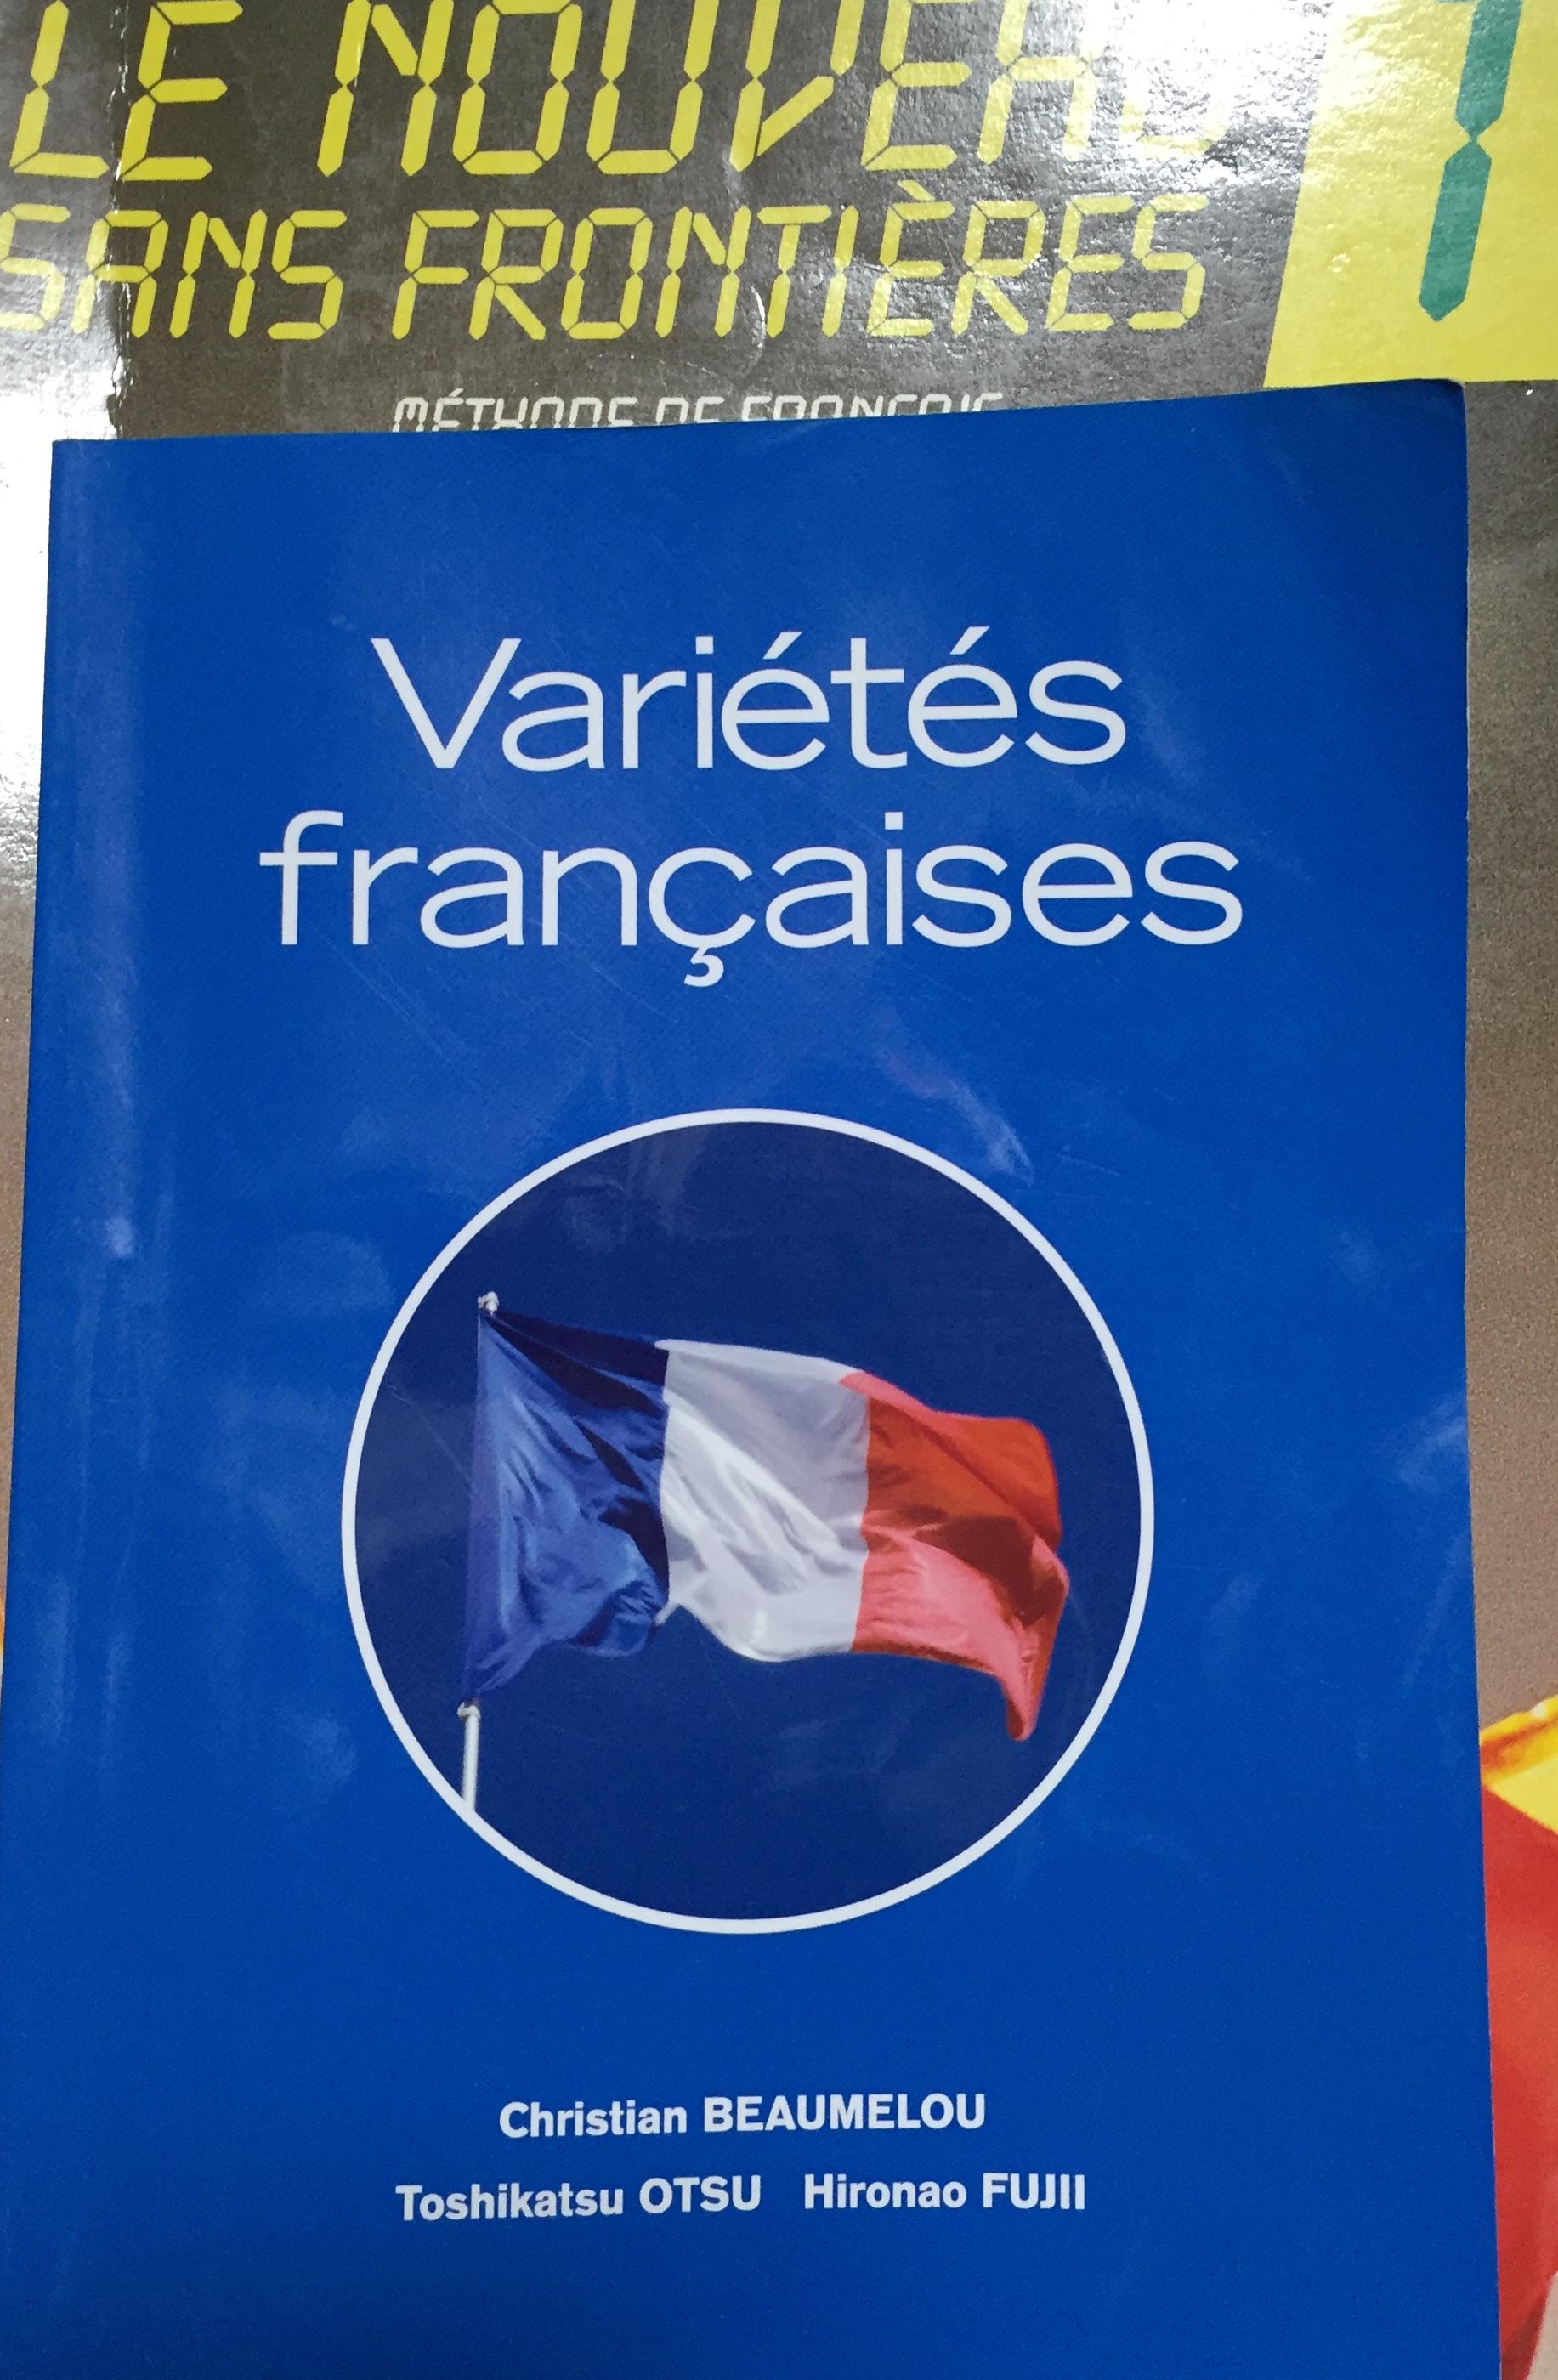 放送フランス語